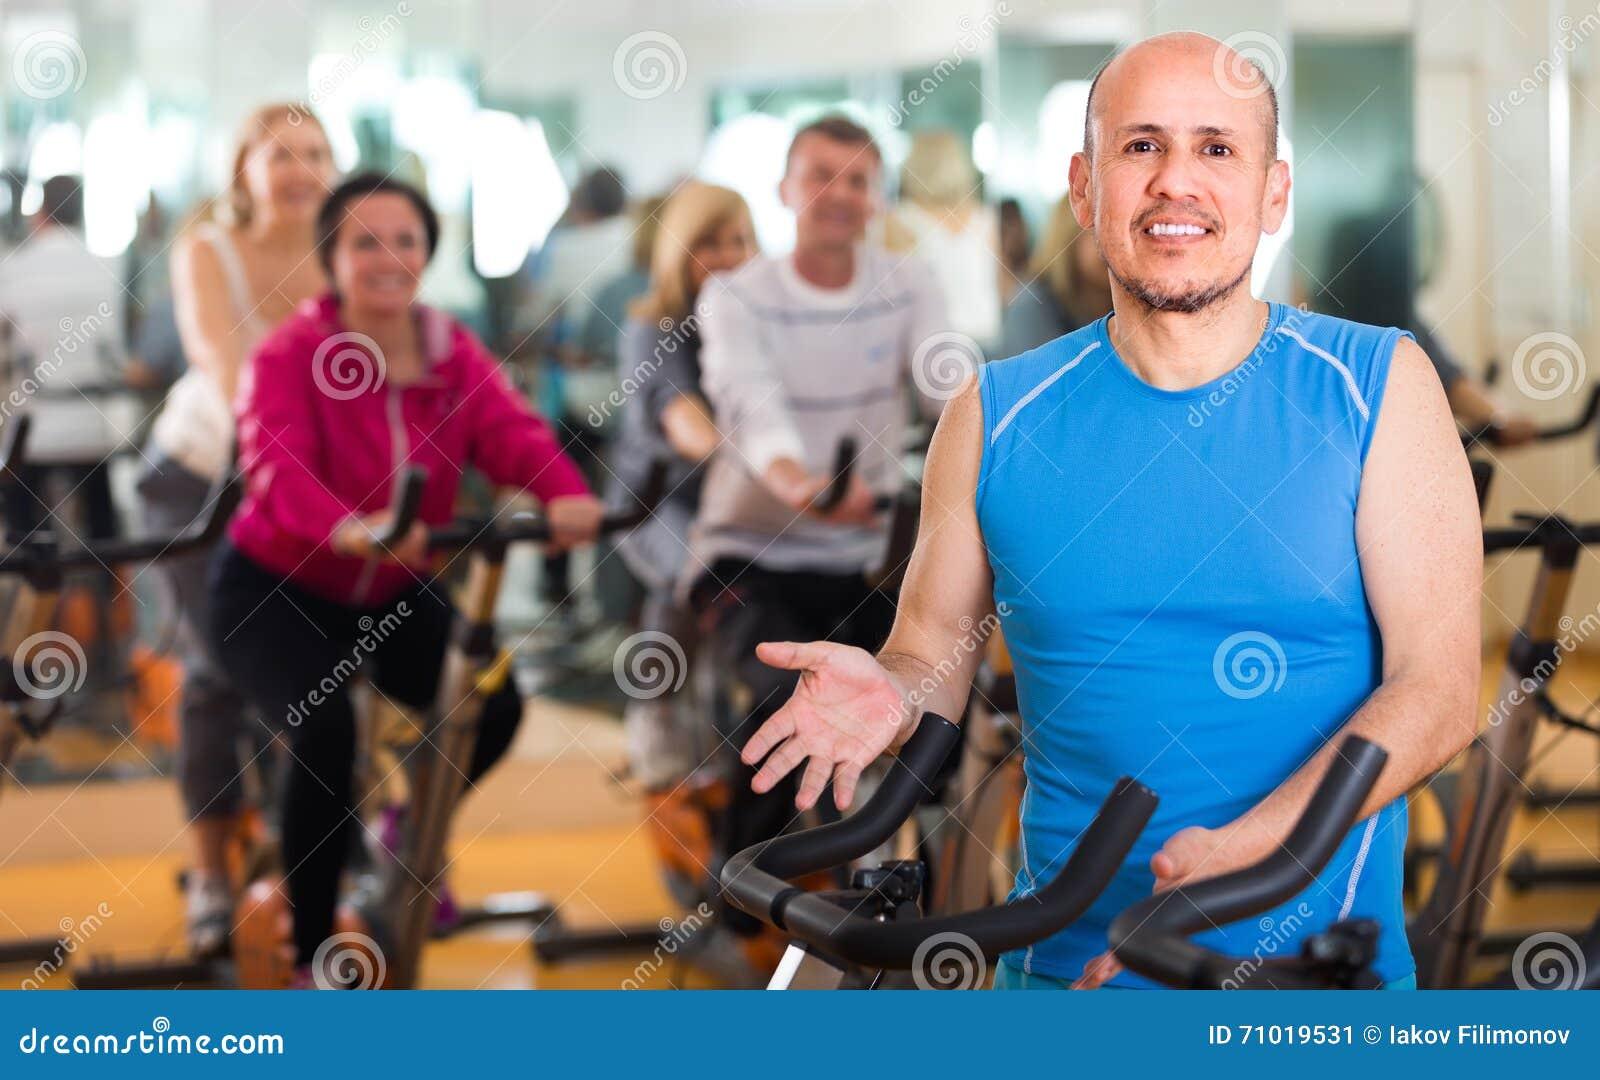 Κατάρτιση στην αθλητική λέσχη στον κύκλο ικανότητας